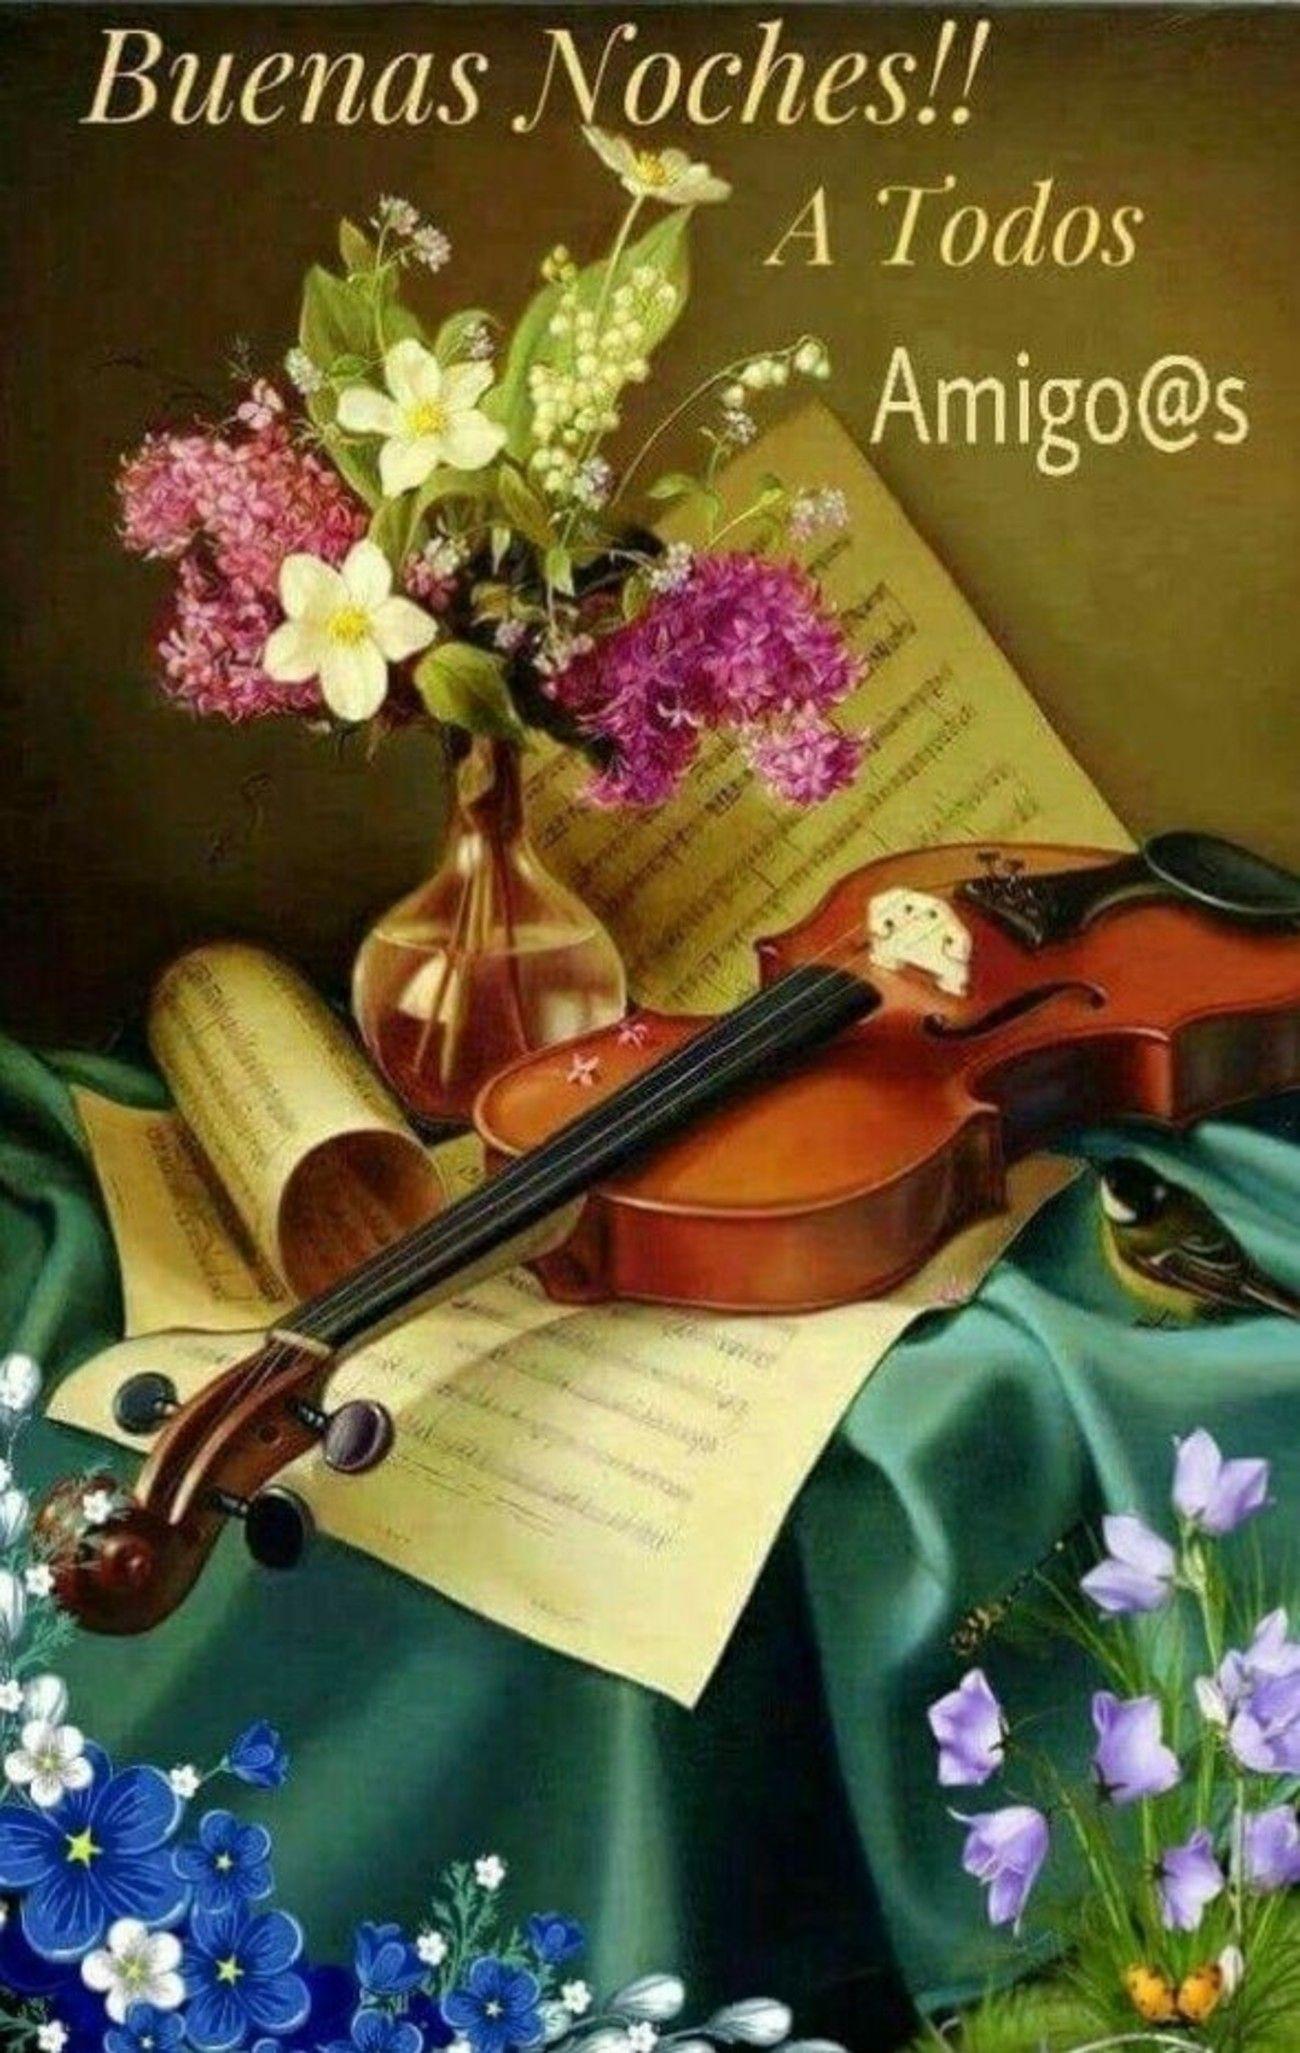 Tarjetas musicales de buenas tardes